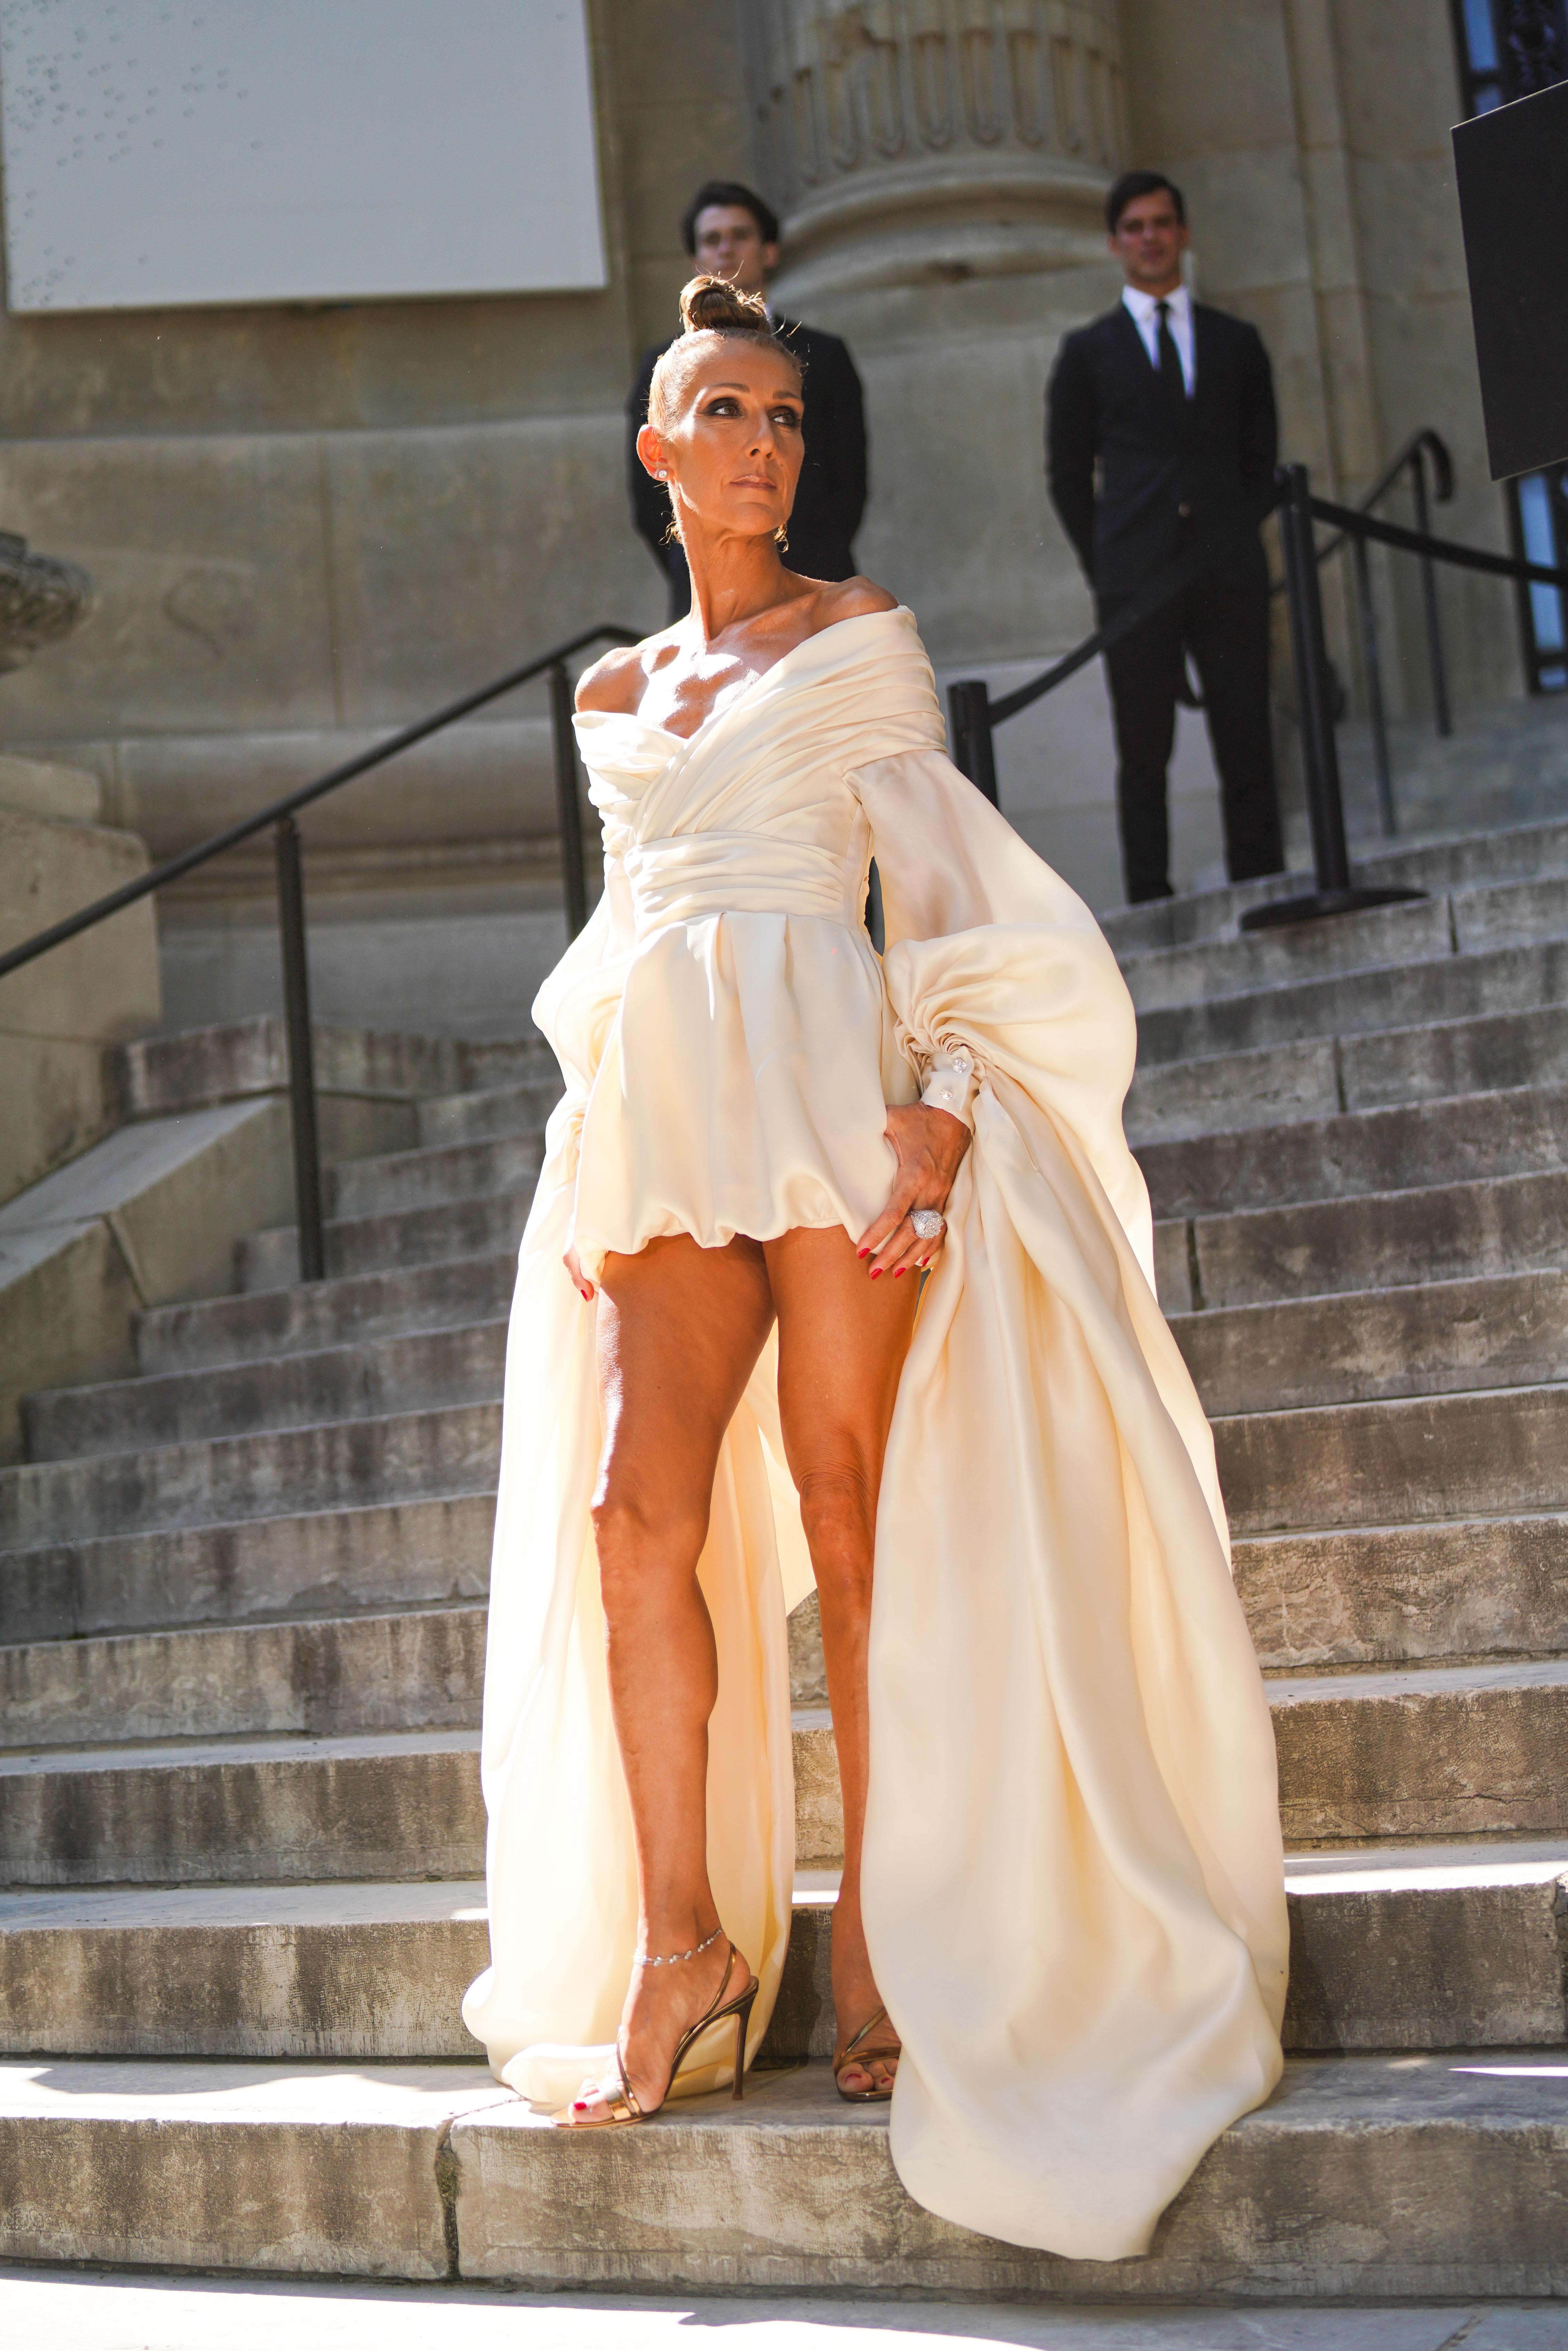 Alexandre Vauthier Преди старта на поредното дефиле, Селин успя да покаже чудесата на трансформацията на вечерната рокля на Александър Вотие от колекцията Пролет/Лято. На пръв поглед изглеждаше, че кремавият сатенен дизайн с голи рамене е дълга рокля, но когато Селин разпери ръце, една прекрасна мини-рокля се появи под дълги буфан ръкави. Златни лаконични сандали, минималистични обици и няколко закачливи пръстена с големи камъни завършиха визията на Дион.